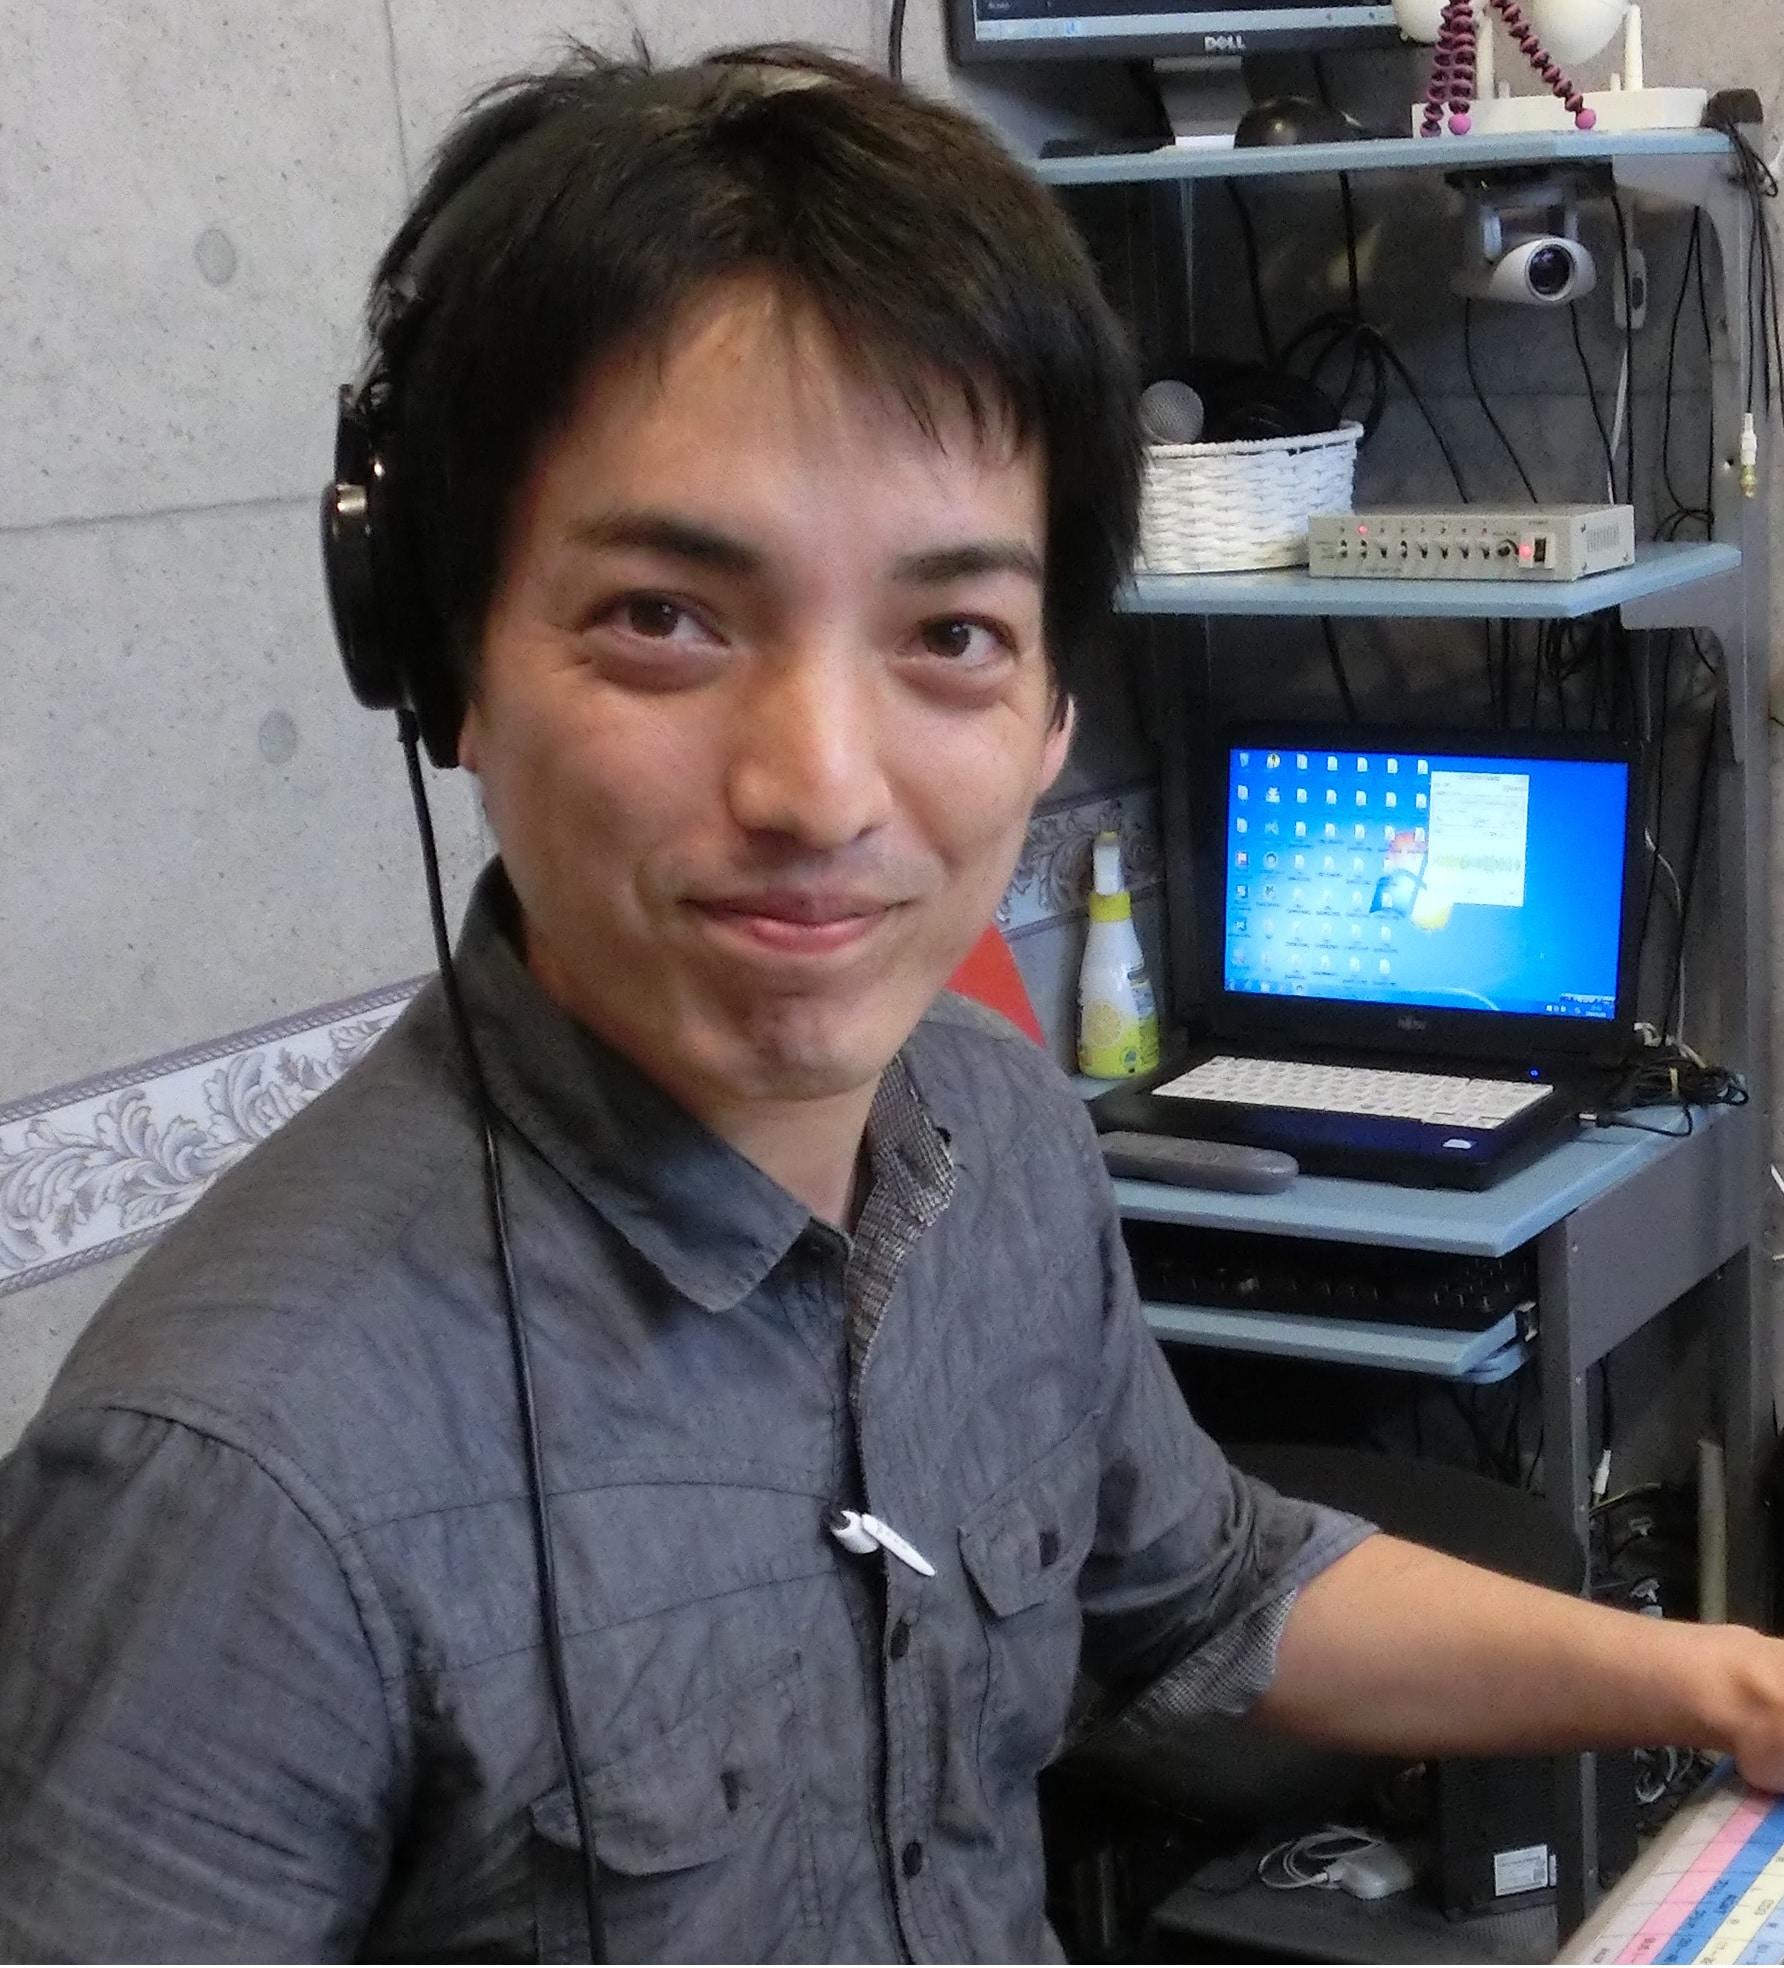 【カメラ転売コンサル】熊坂さんが月収55万を達成!おめでとうございます!